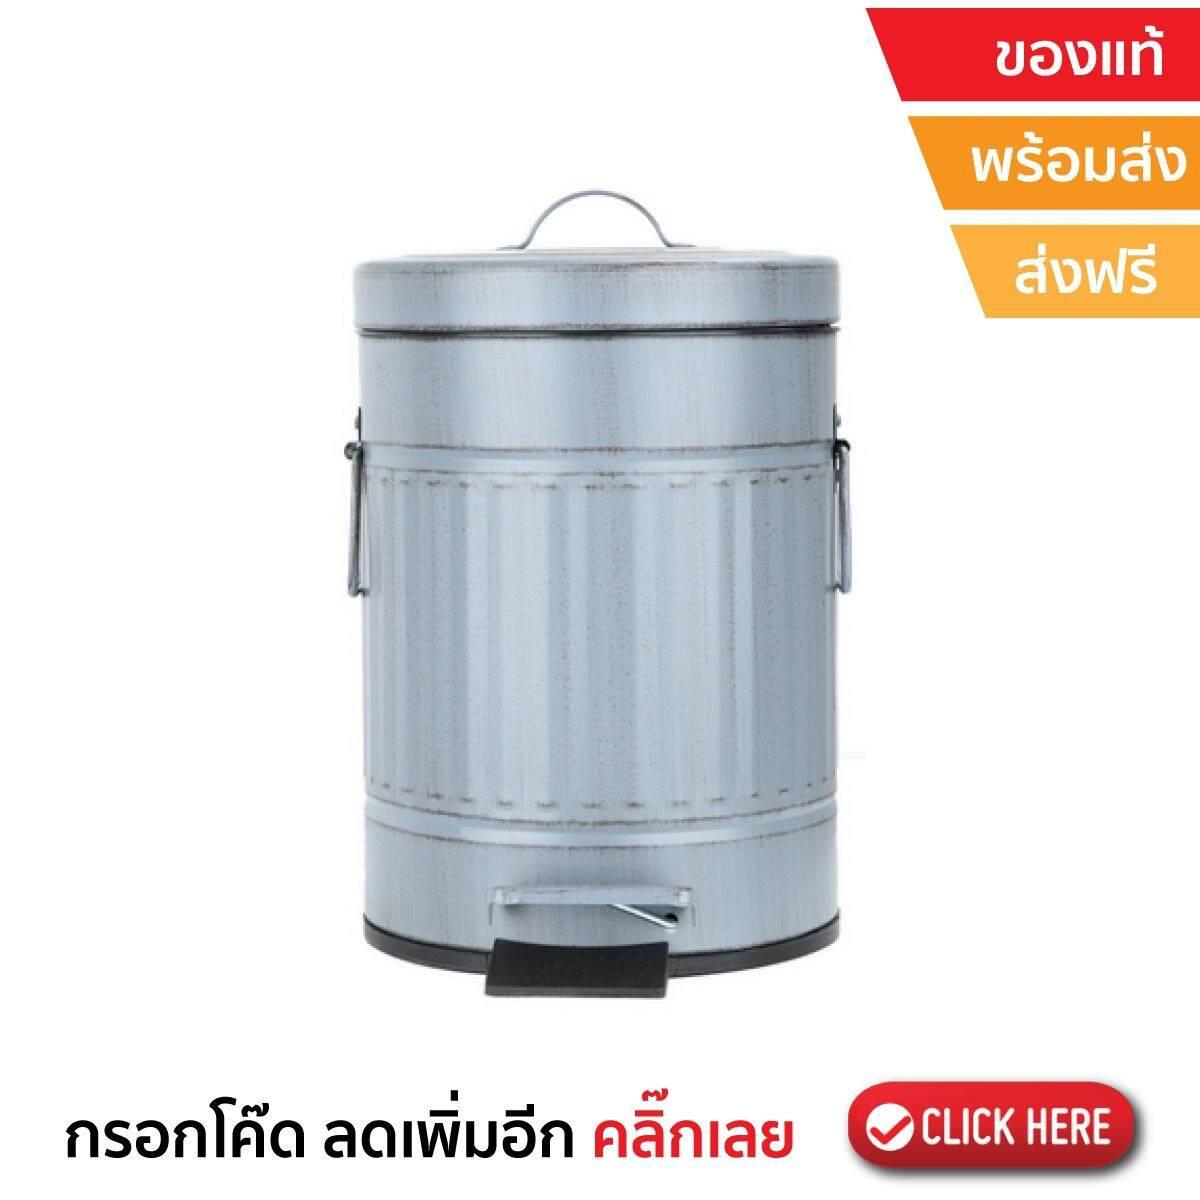 ลดสุดๆ ถังขยะ ถังขยะในบ้าน ถังขยะขาเหยียบ ROUND DUSTBIN GREY ถังขยะเหยียบกลม TINMAN 5L เทา ส่ง kerry เก็บเงินปลายทาง